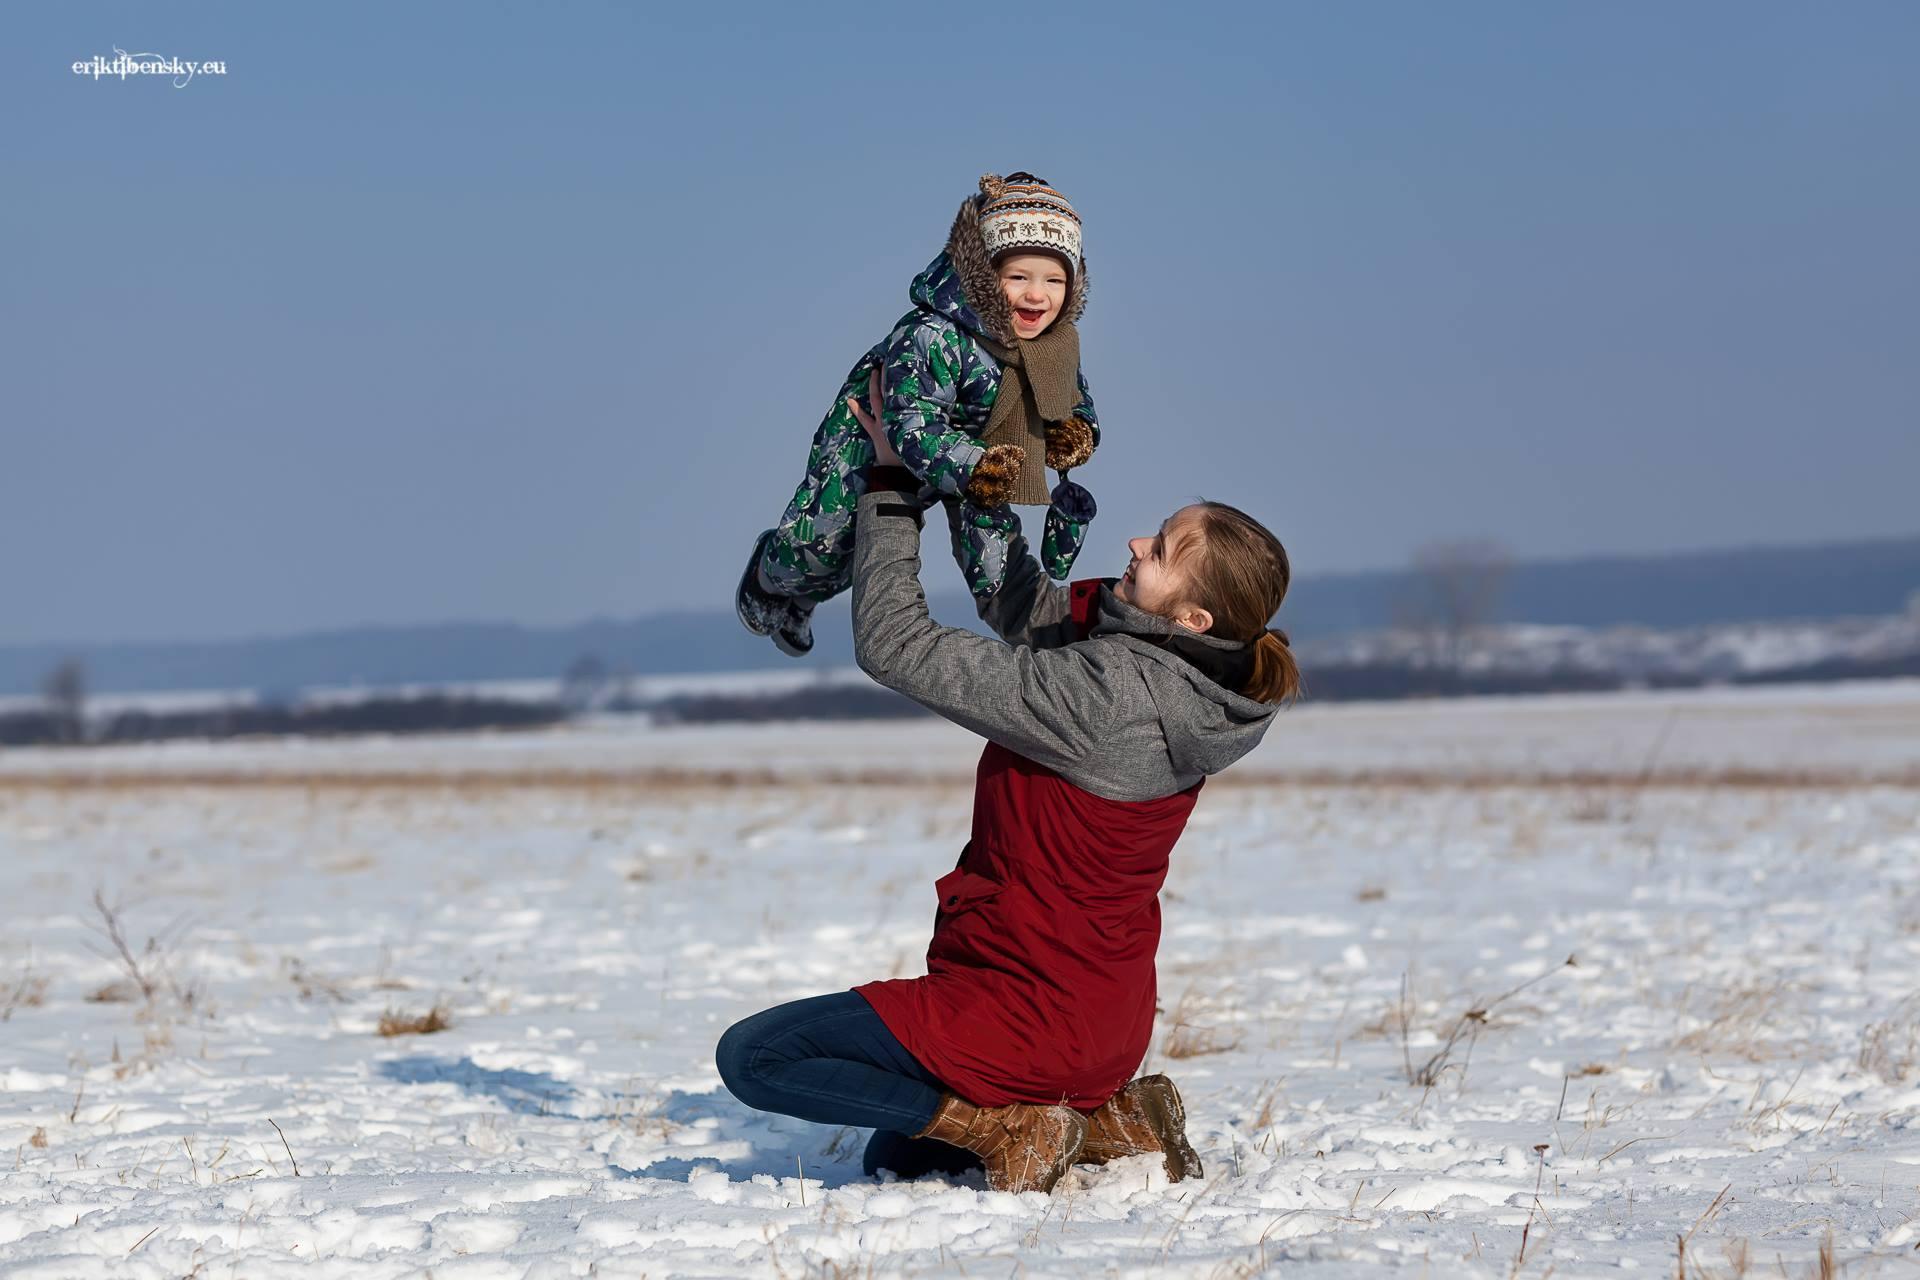 eriktibensky.eu-fotograf-deti-children-winter-zima-photography-1003